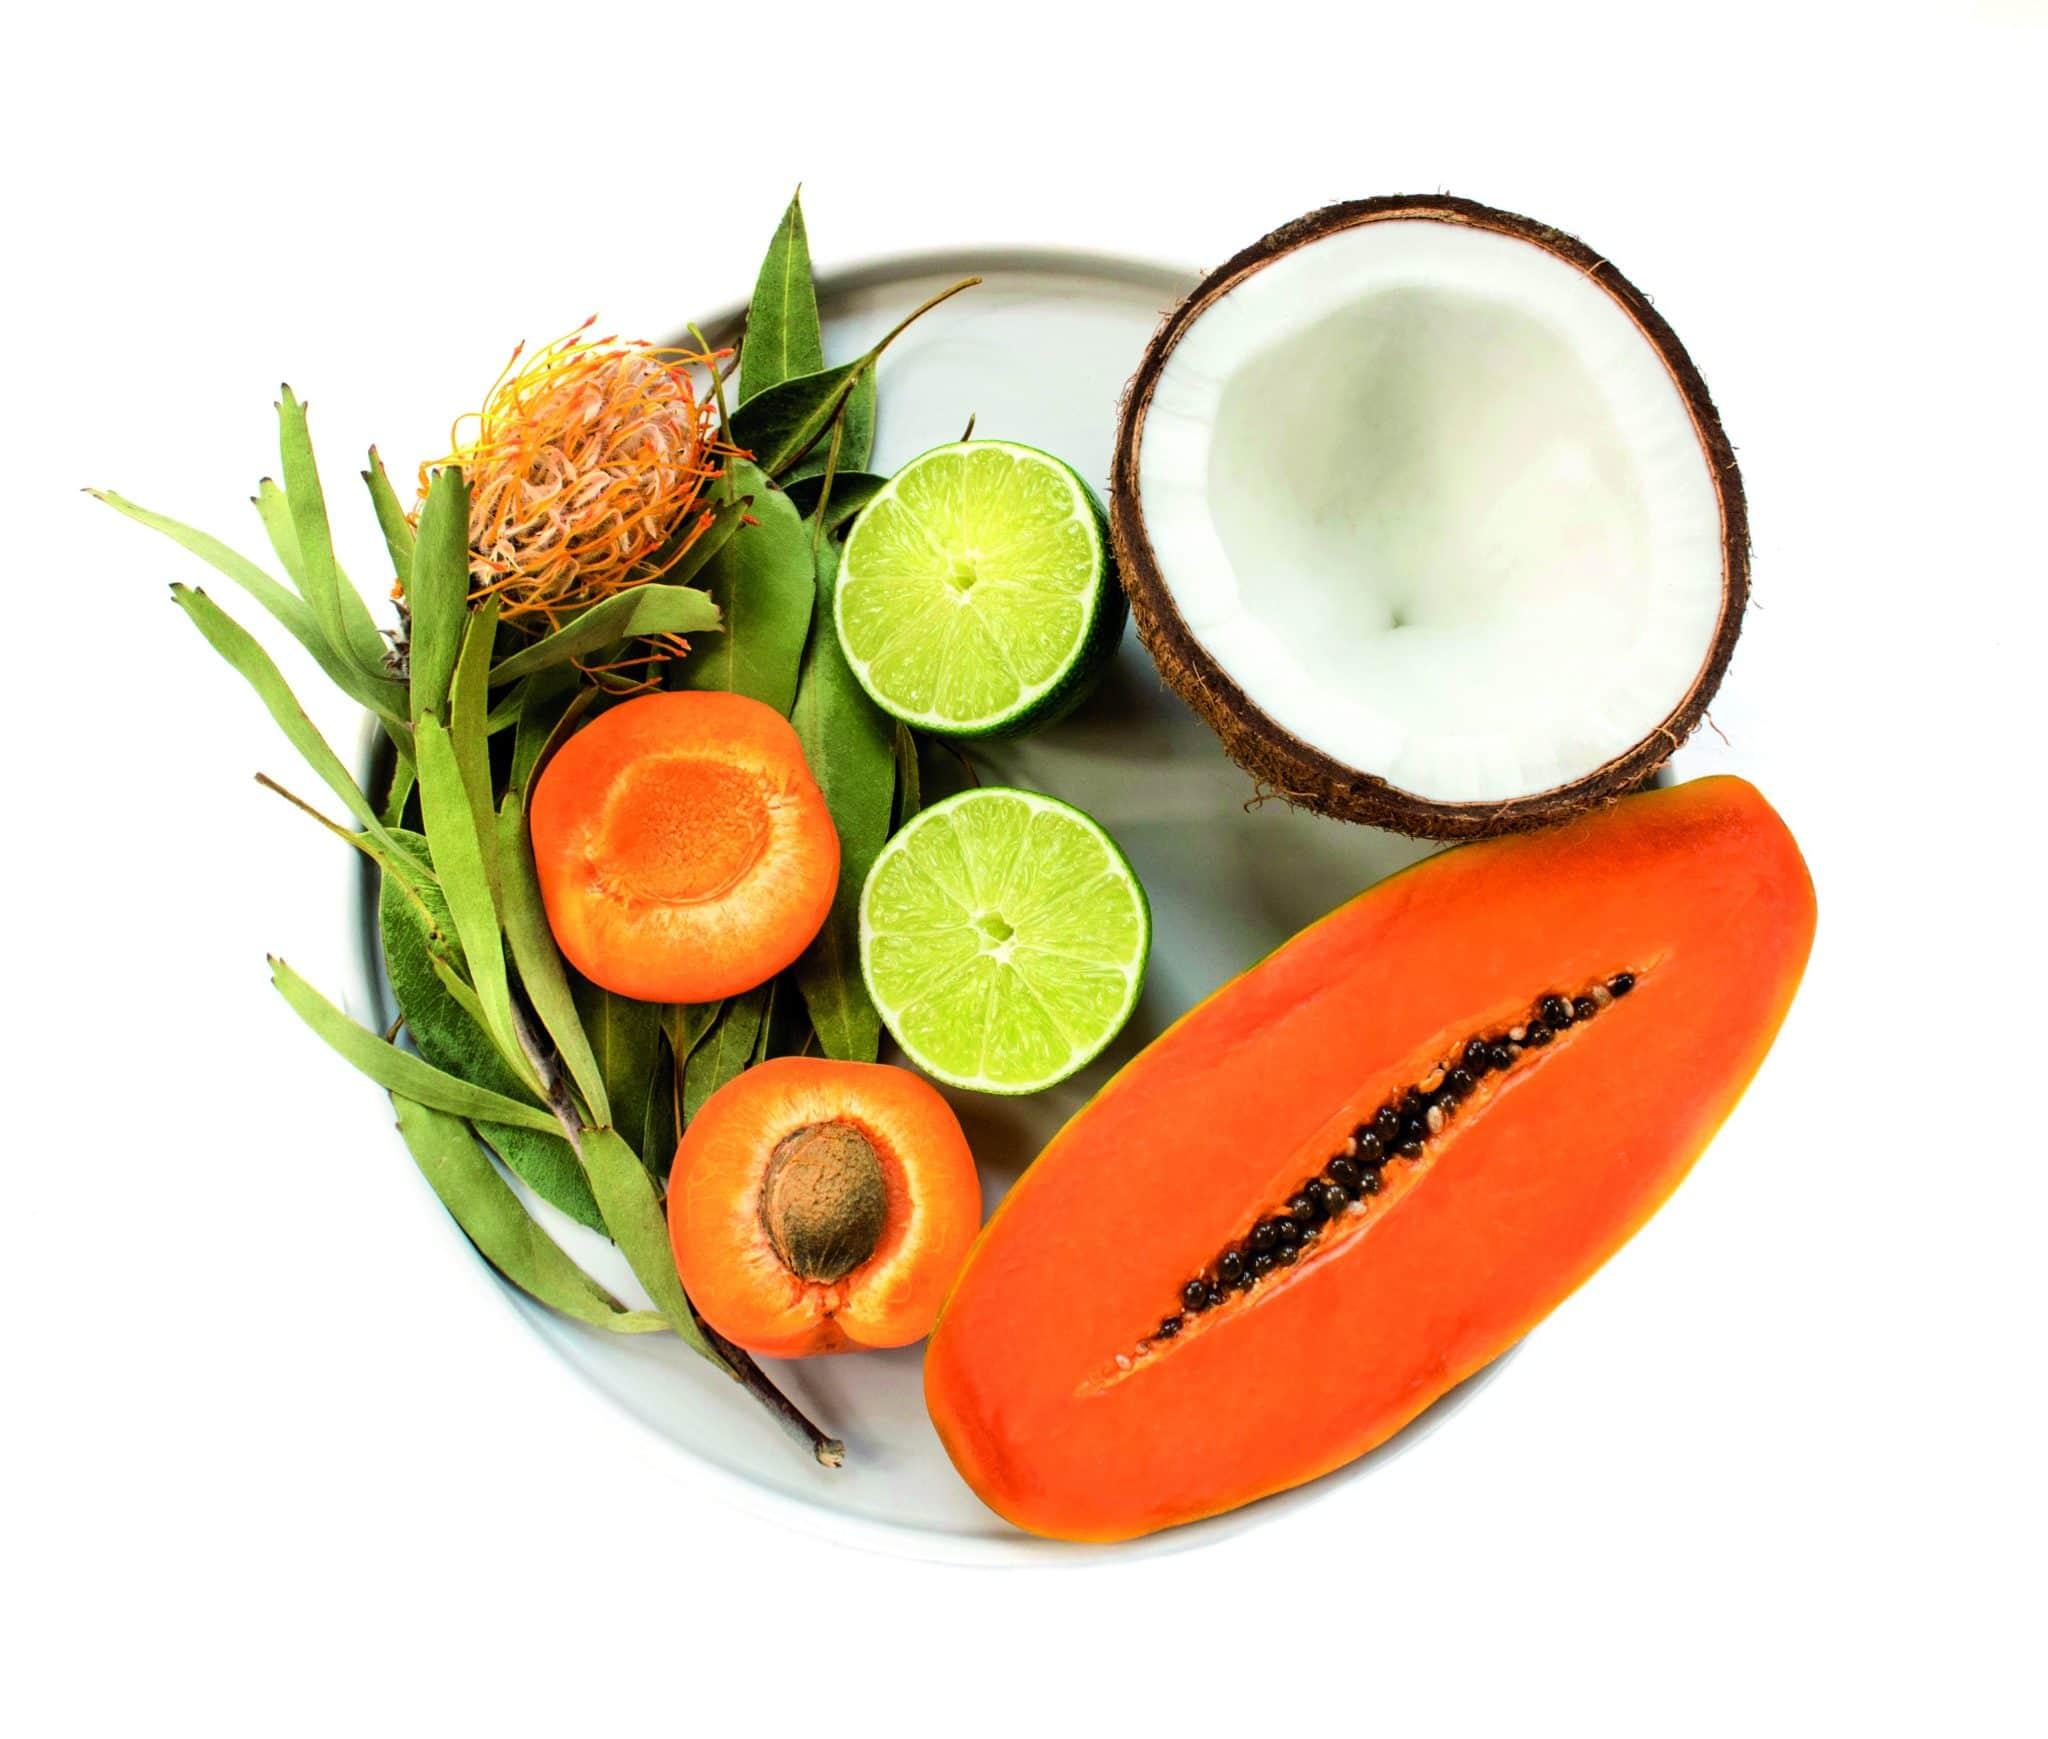 Natürliche Öle, wie Avocadoöl, Kokosöl, a oder sogar handelsübliches Olivenöl, sind wahre Schätze für die Gesichtspflege.